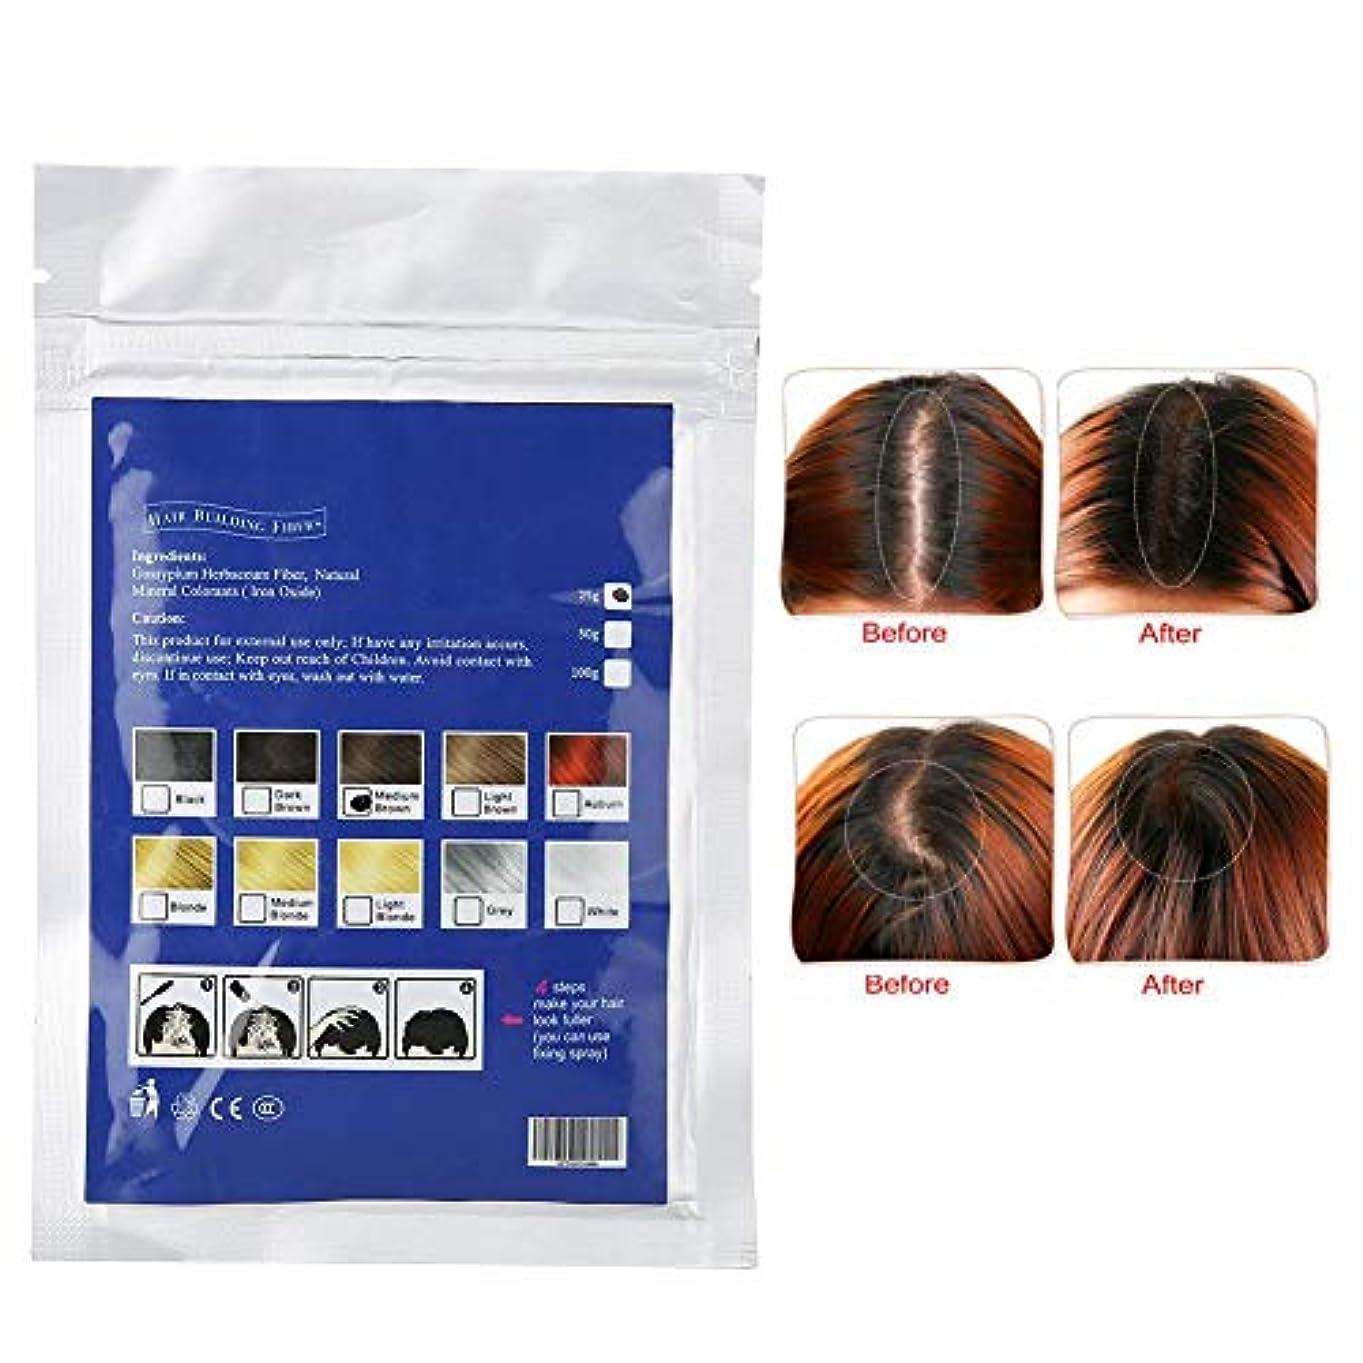 教育学ヒステリックコテージヘアフィラー、ヘアボリュームパウダー、髪の根元を薄くするためのカバーアップヘアフィラー(3#)